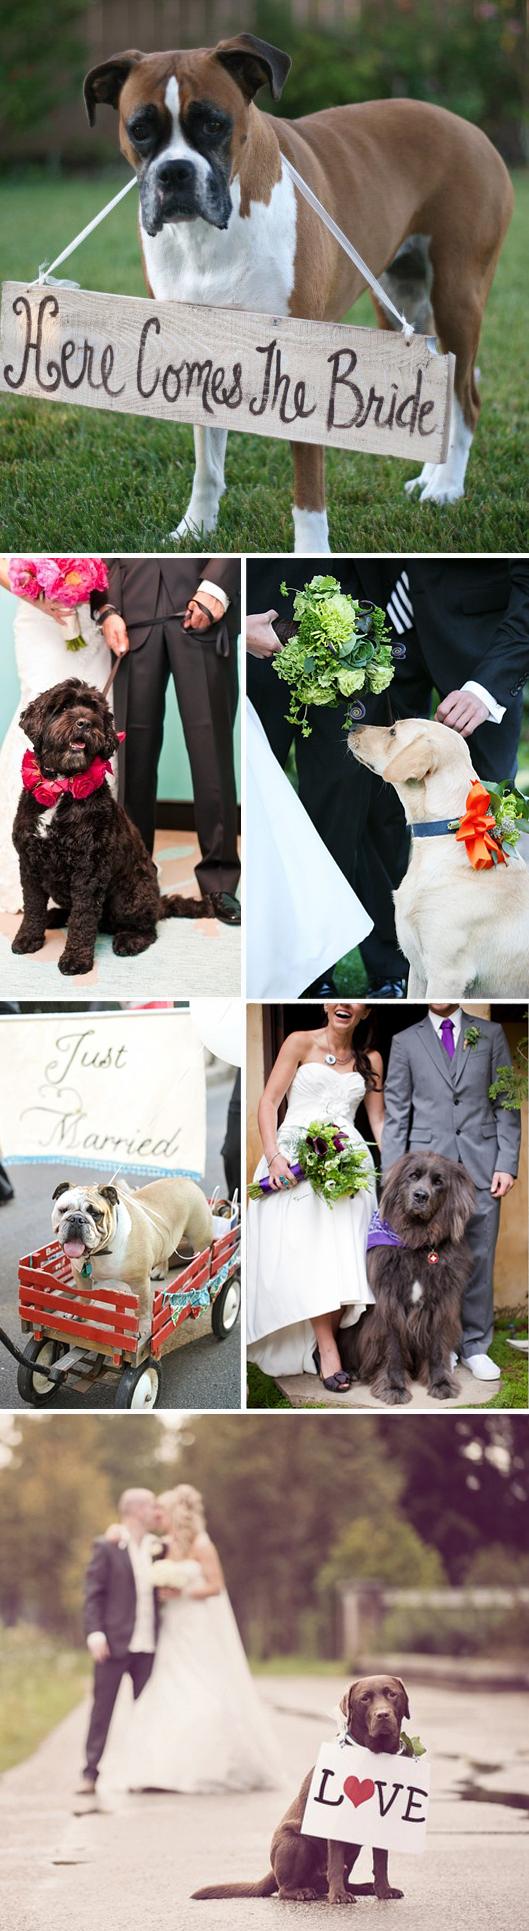 Dogs in Weddings 2